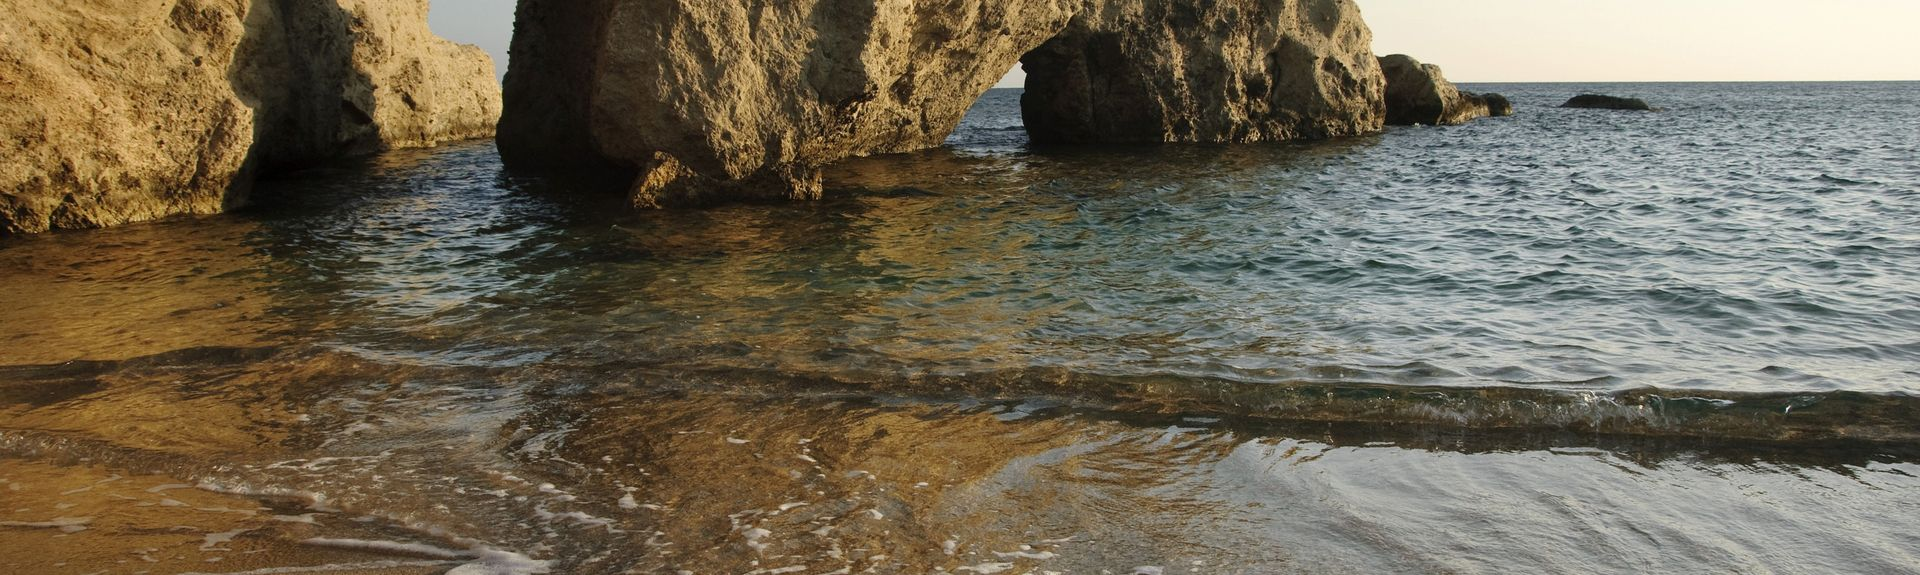 Ilhas Egeias, Grécia